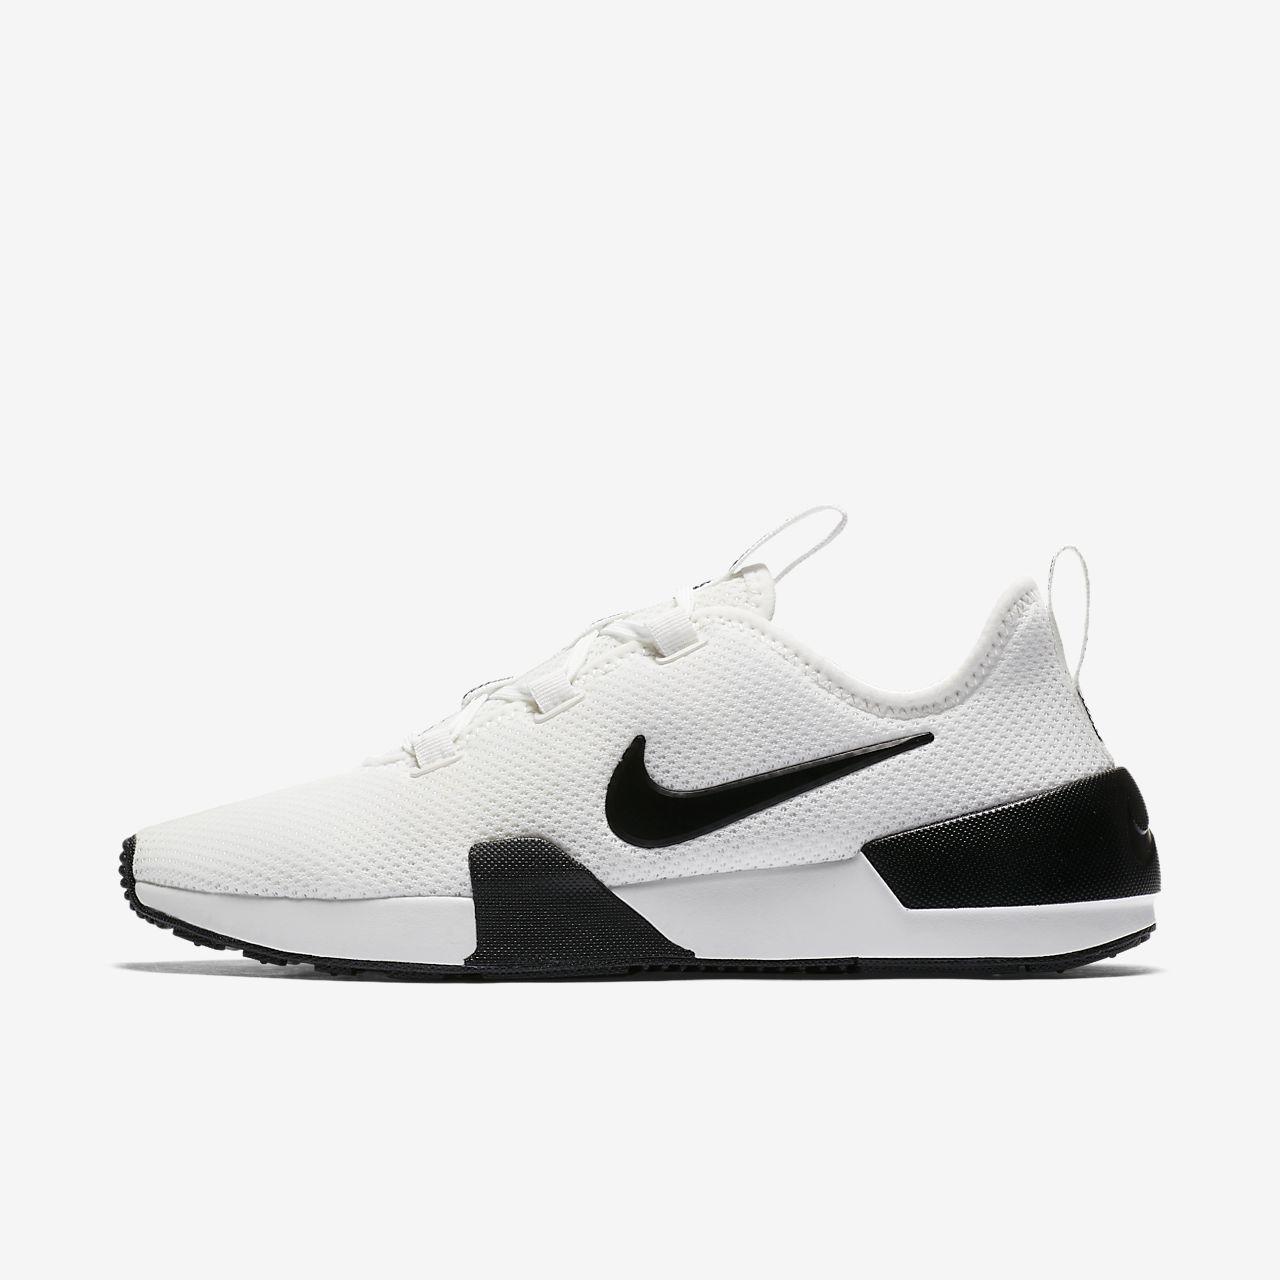 Billige Angebote Ashin Modern Sneaker Damen Nike Rabatt Footaction Billig  Verkauf Ausgezeichnet Verkauf Erkunden iDExm4JyGH a8fd358eb6